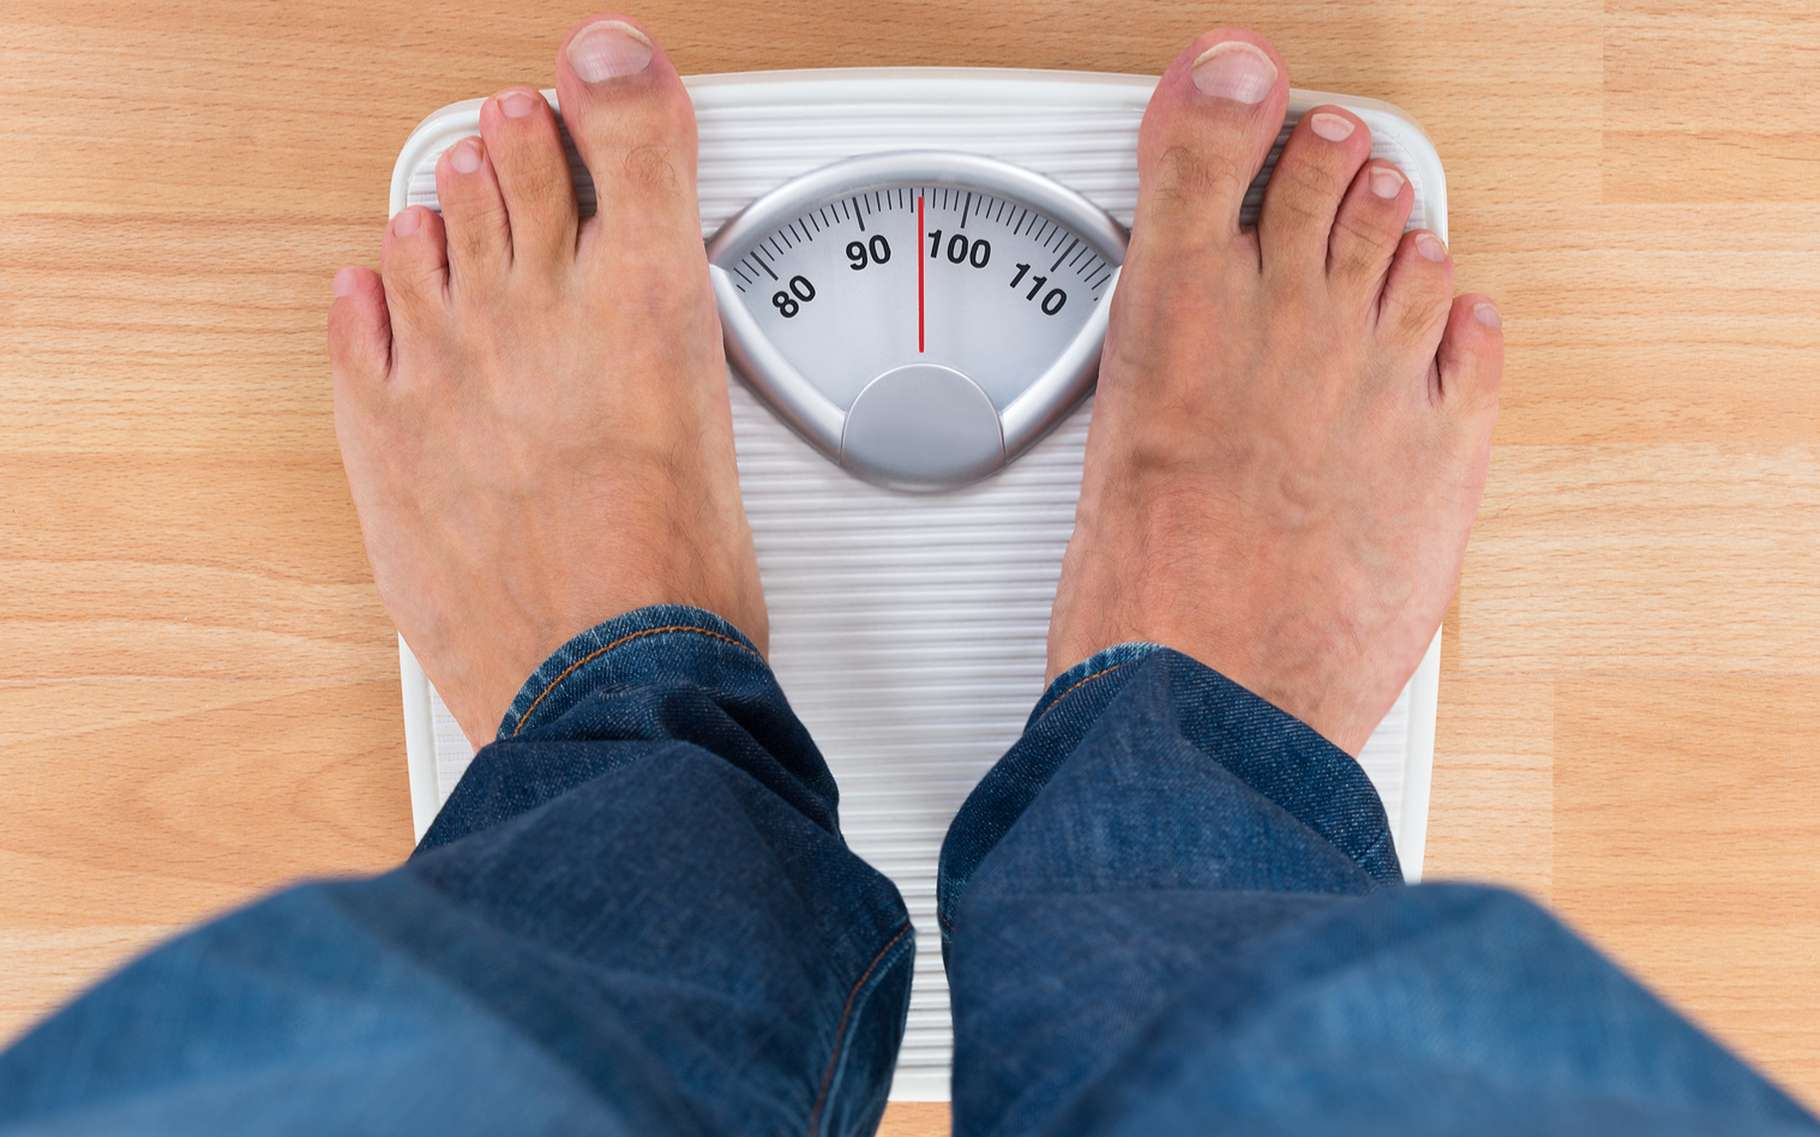 Un pèse-personne indique le poids, mais comme il est calibré pour fonctionner sur Terre, ce poids est automatique traduit en kilogrammes, soit en une masse. © Andery_popov, Shutterstock